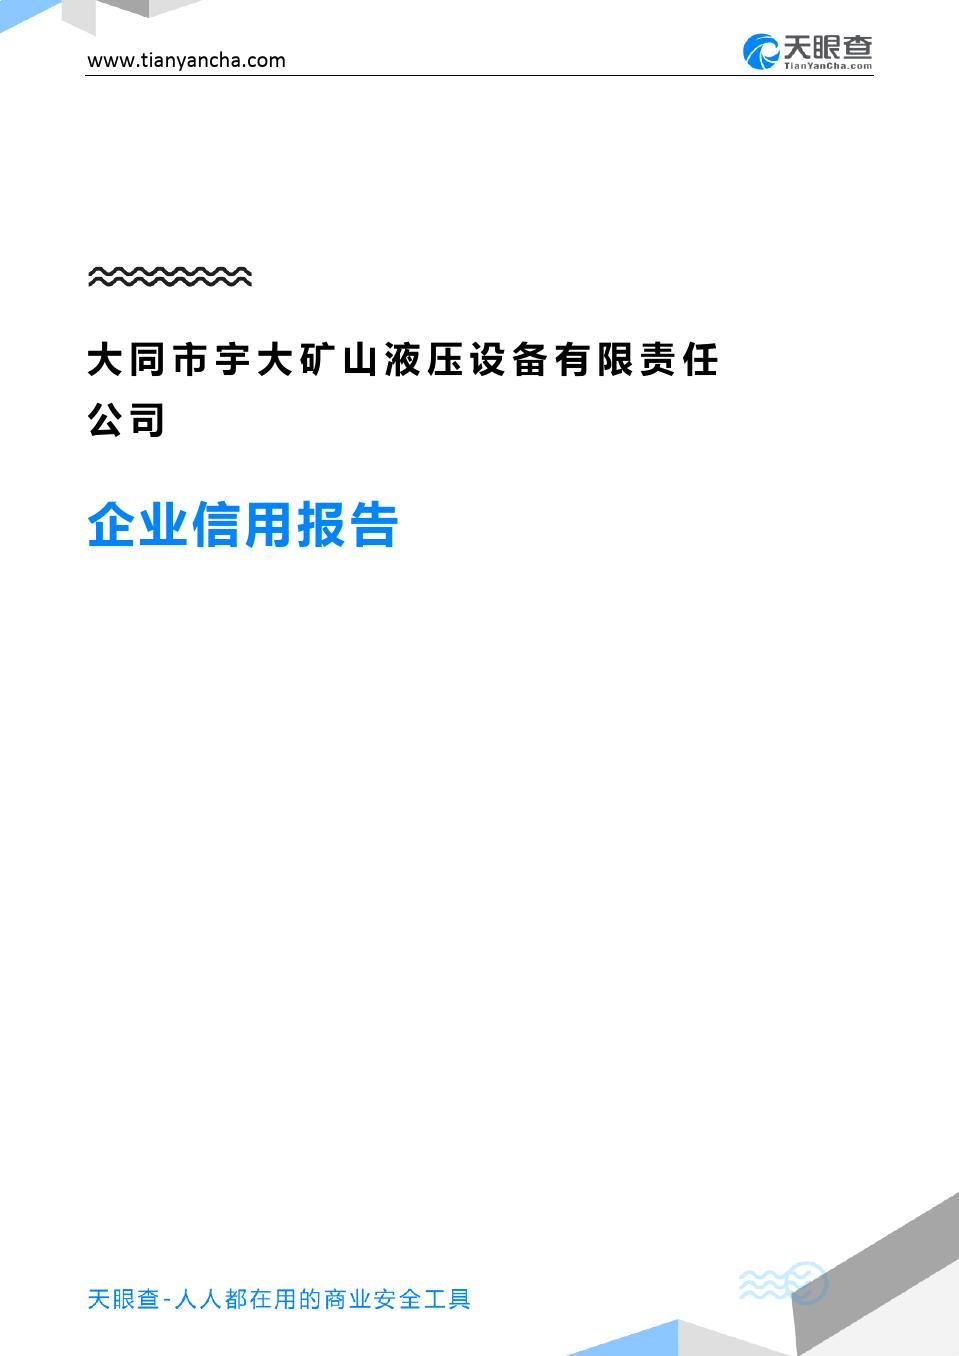 大同市宇大矿山液压设备有限责任公司(企业信用报告)- 天眼查